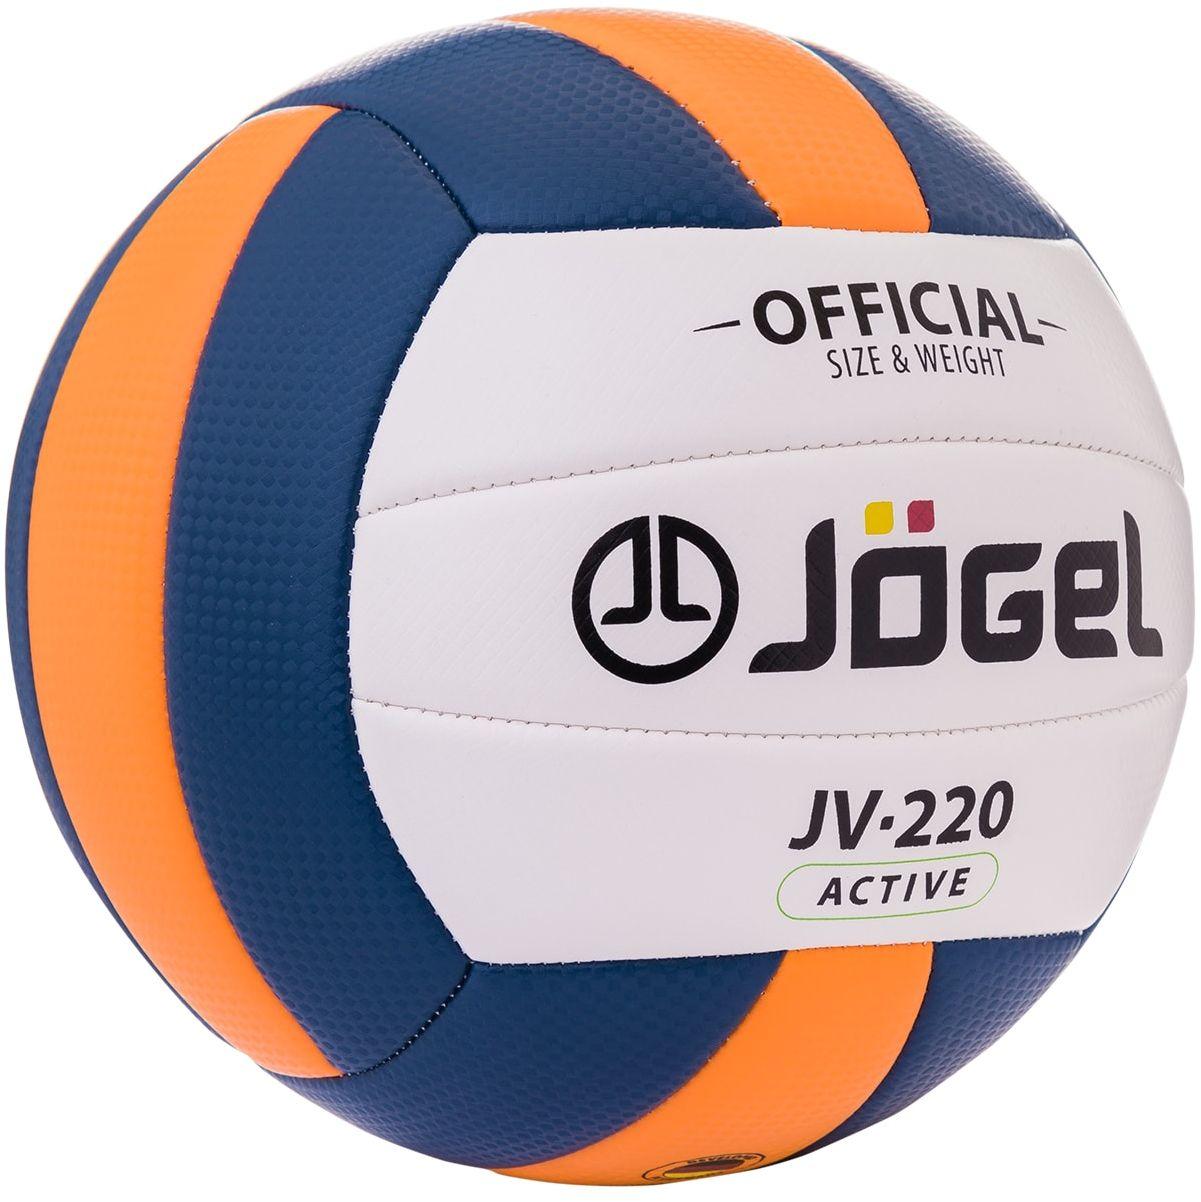 Jogel JV-220 – любительский мяч для классического волейбола и активного отдыха. Благодаря своей молодежной расцветке и еще более мягкой поверхности, чем у модели JV-100, данная модель пользуется популярностью в качестве мяча для пляжного волейбола. Поверхность мяча выполнена из текстурной мягкой синтетической кожи (поливинилхлорид) с увеличенной толщиной, что позволяет избежать синяков и ушибов на руках даже при сильных ударах. Мяч состоит из 18-ти панелей и оснащен бутиловой камерой. Официальный размер и вес FIBV.